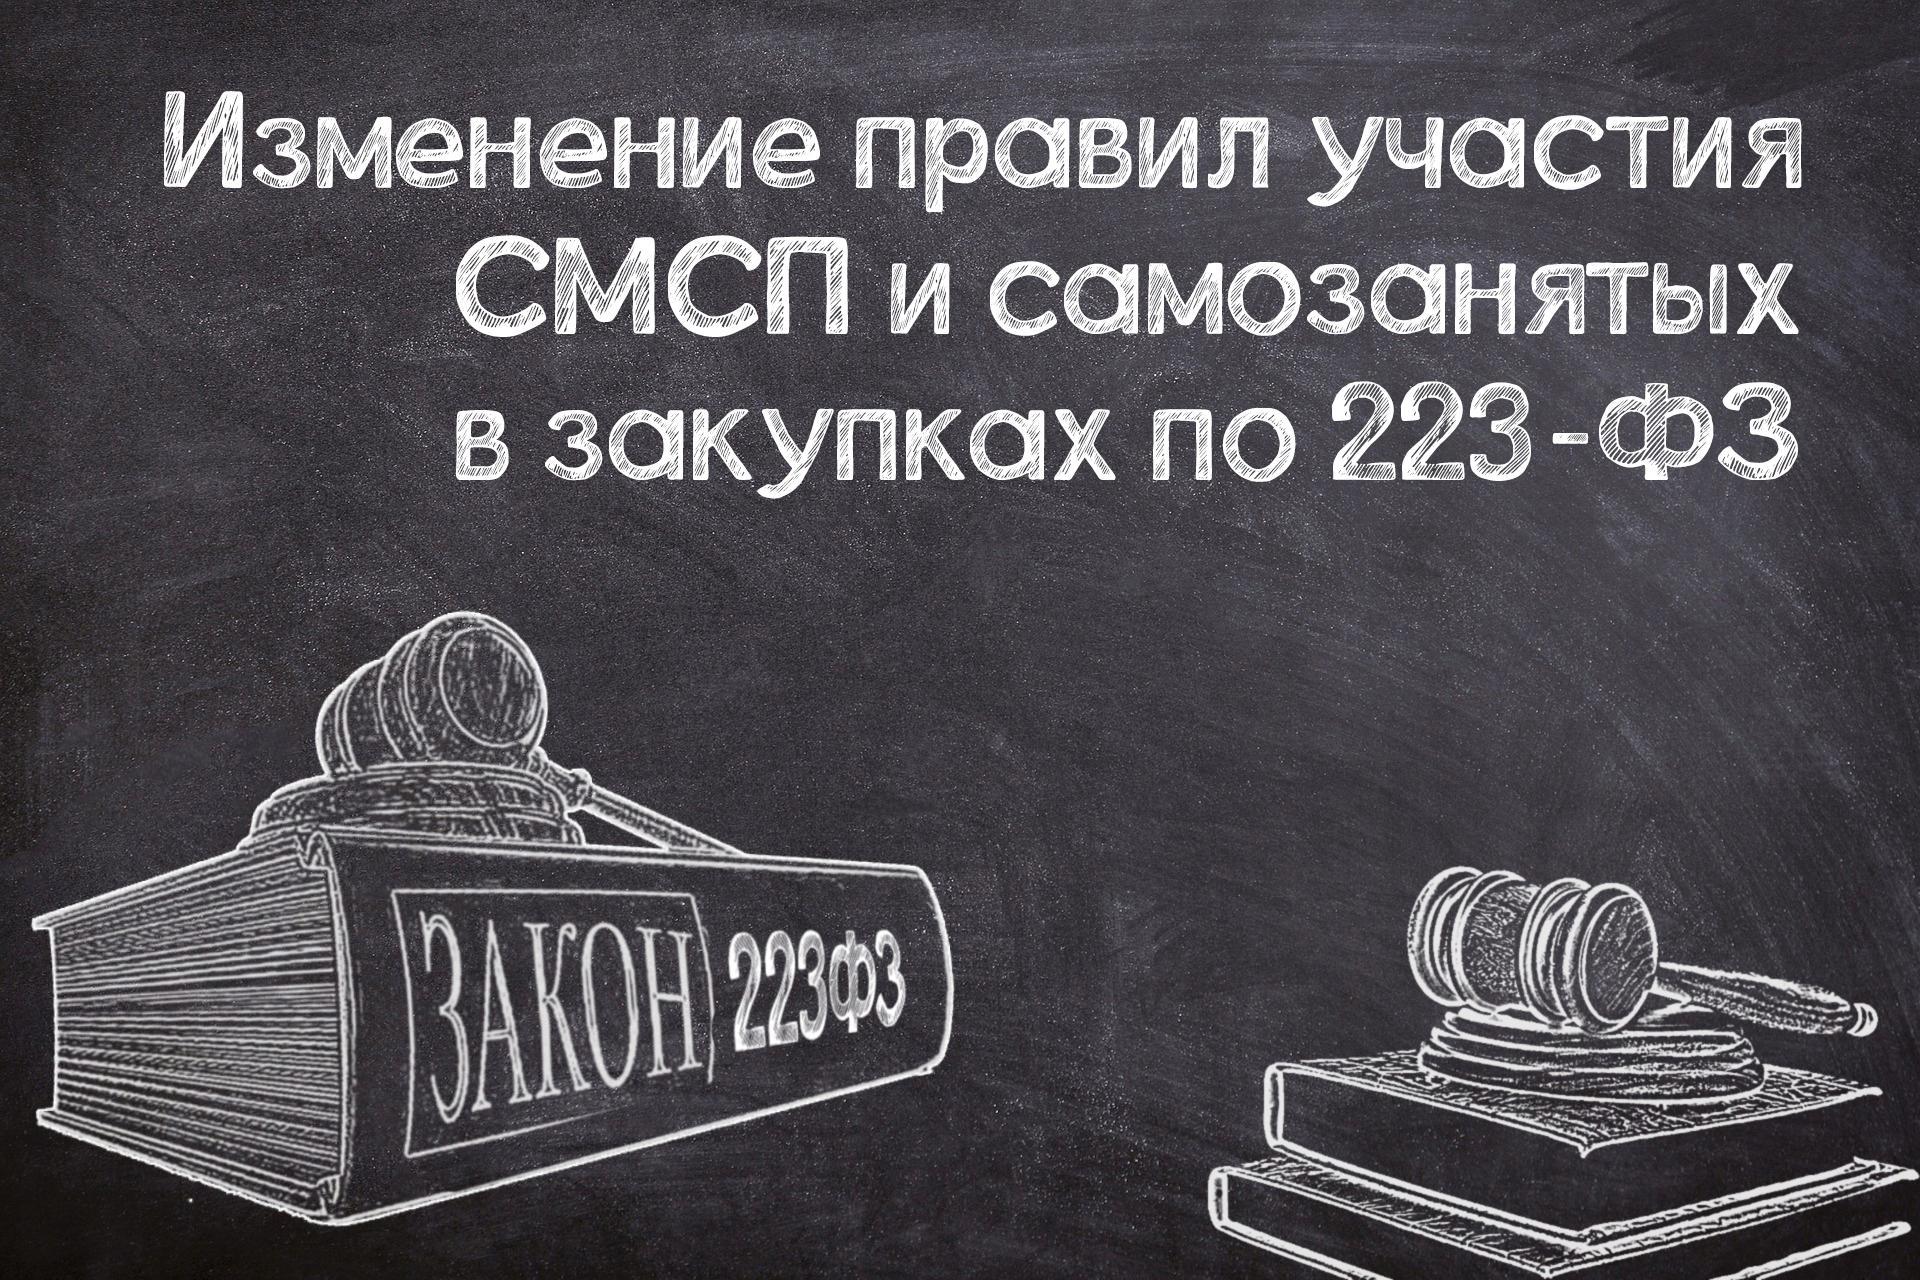 Минфин предложил изменить правила участия СМСП и самозанятых в закупках по № 223-ФЗ